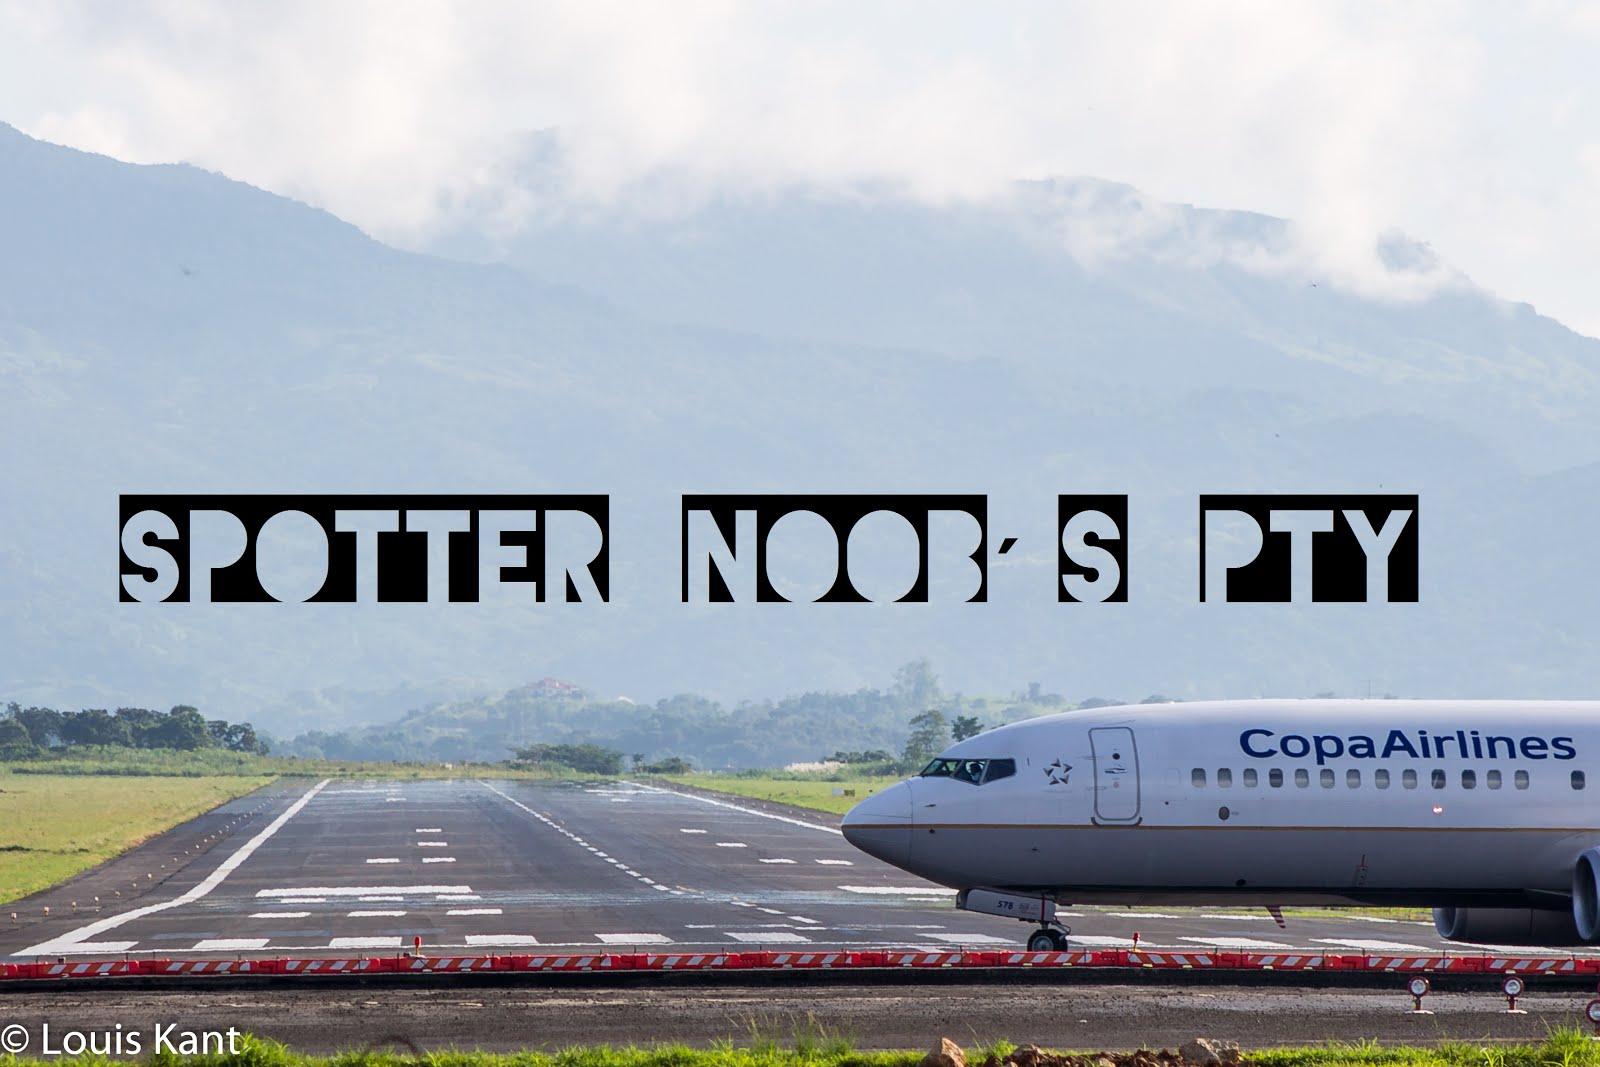 Panamá Spotter Noob´s